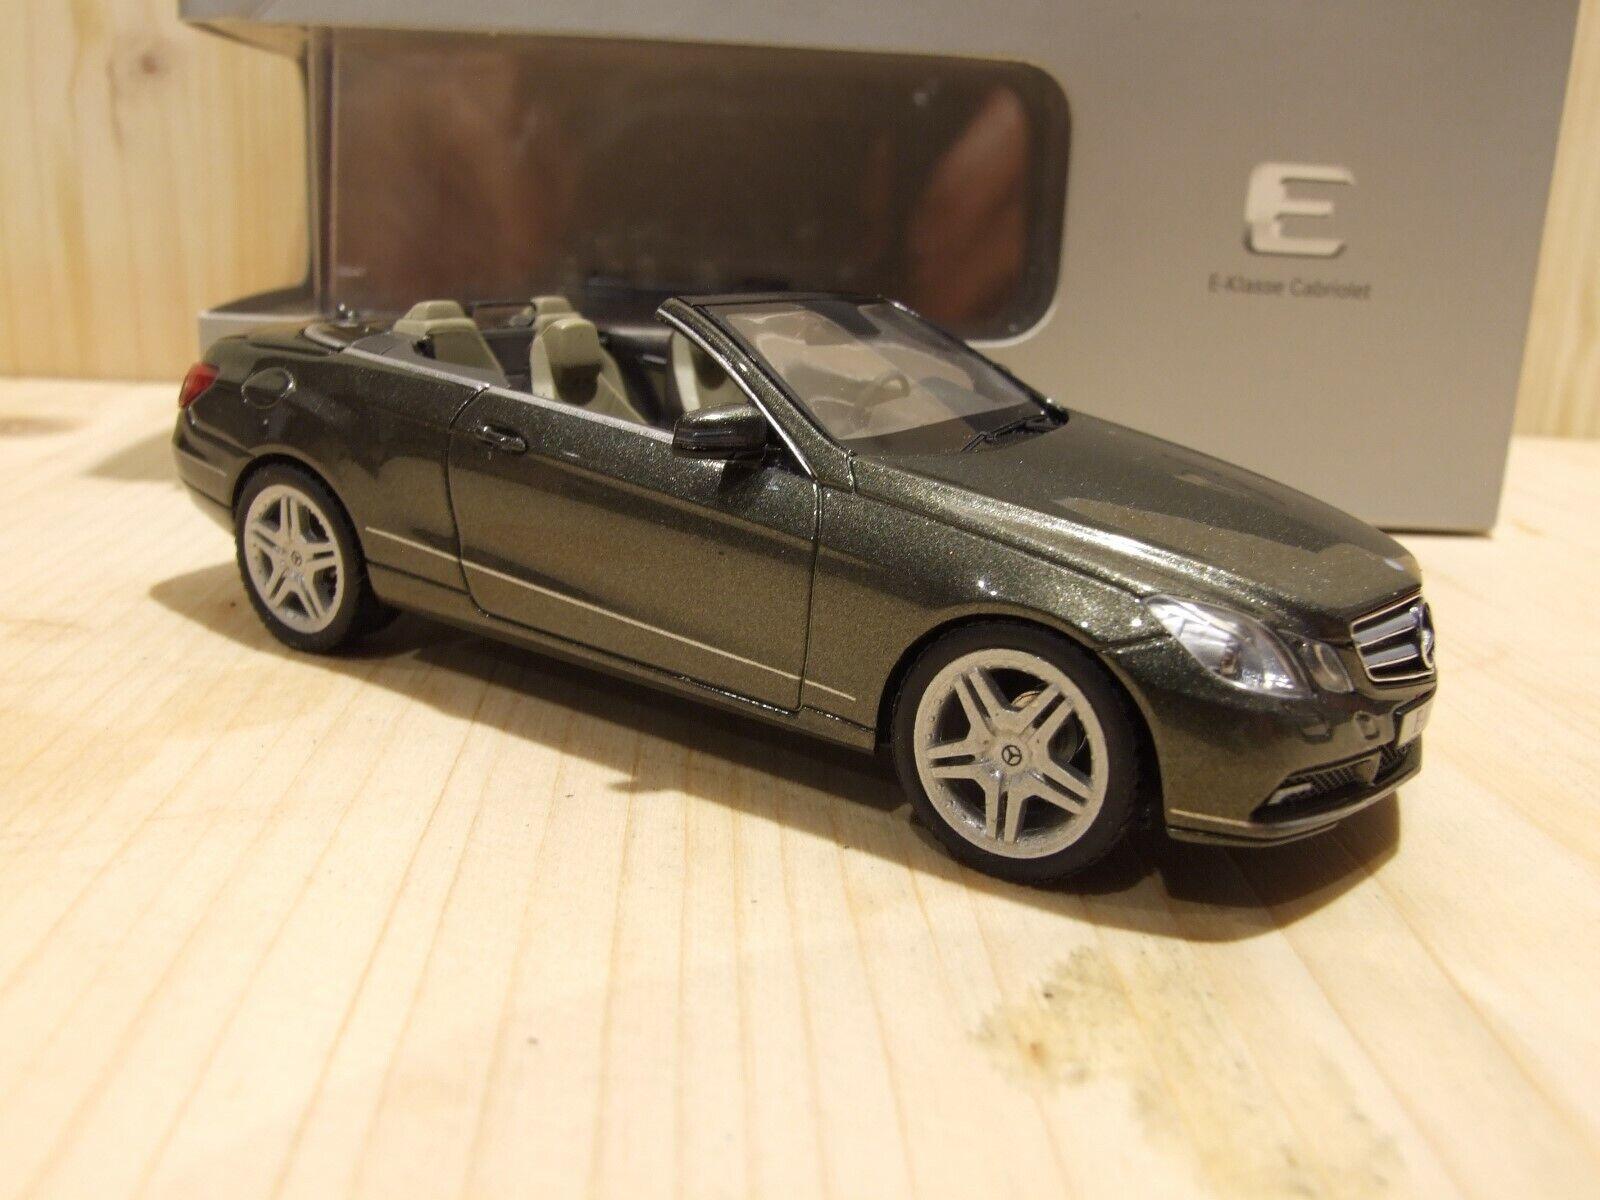 Mercedes-Benz e500, w212  cabriolet, 1 43, stannitgrismet. AMG-jantes discrèteHommest plus bas  haute qualité